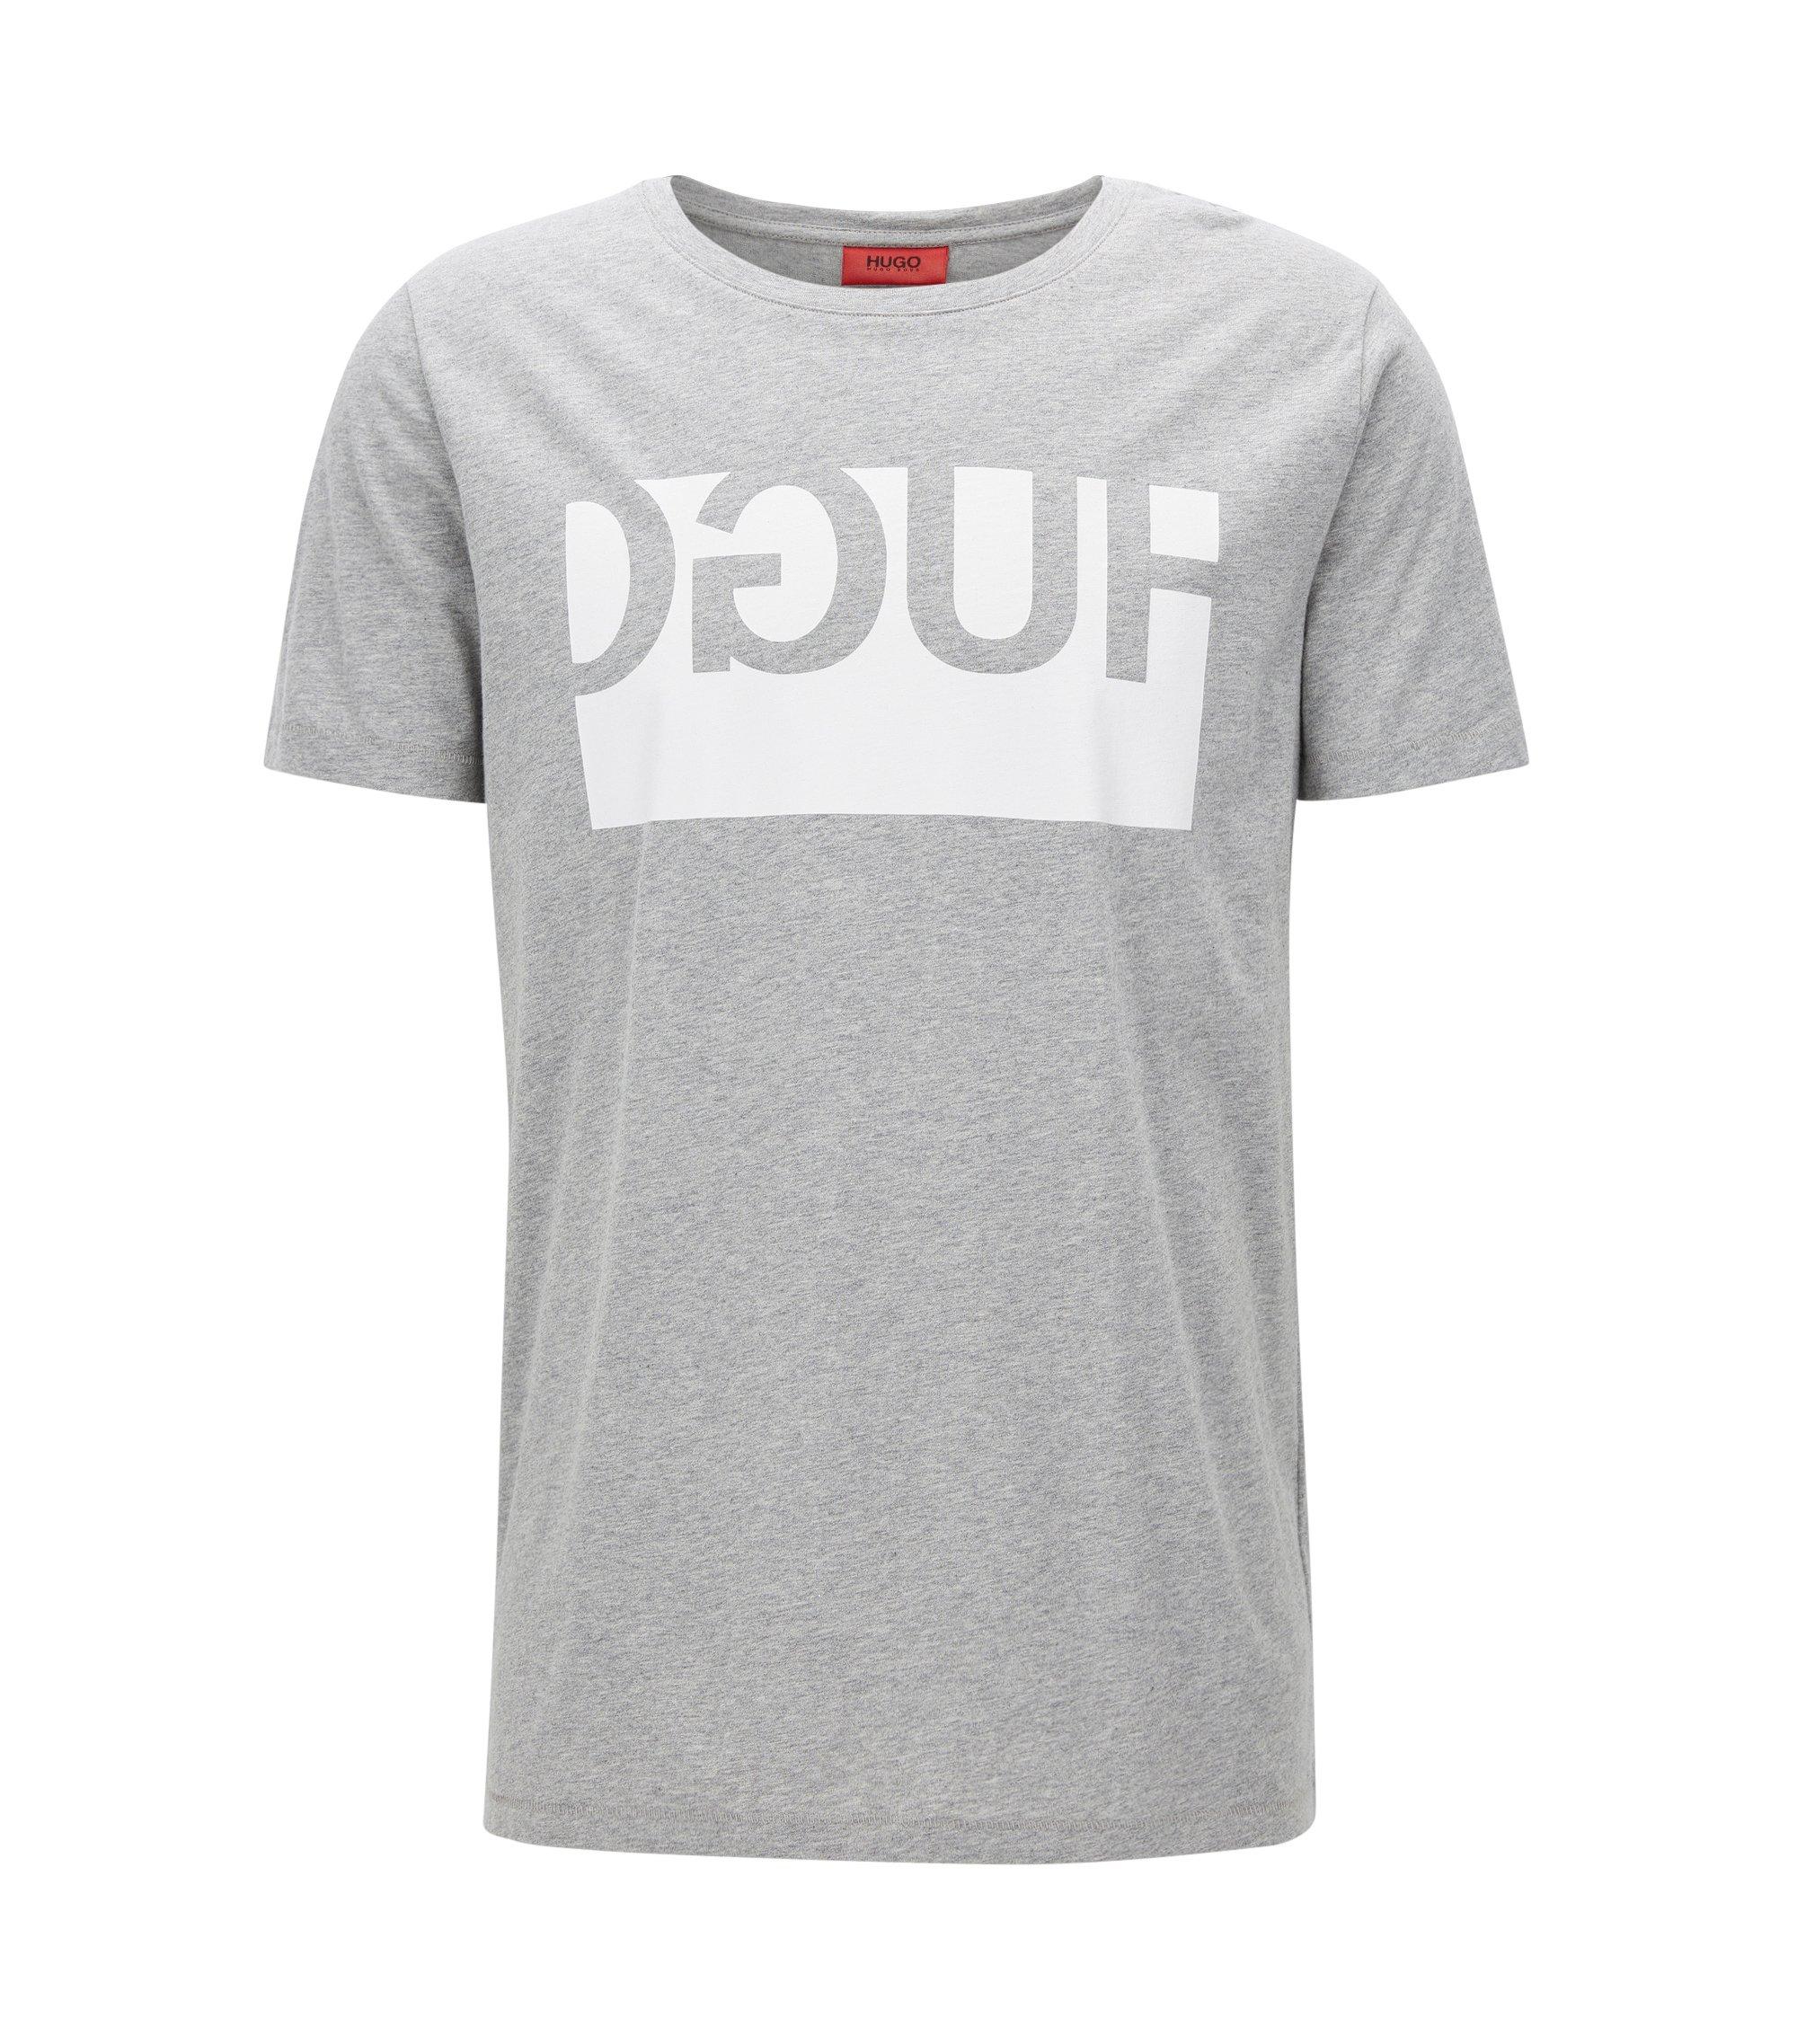 Exklusiv im Online-Shop: Regular-Fit T-Shirt aus Baumwolle mit spiegelverkehrtem Logo, Dunkelgrau